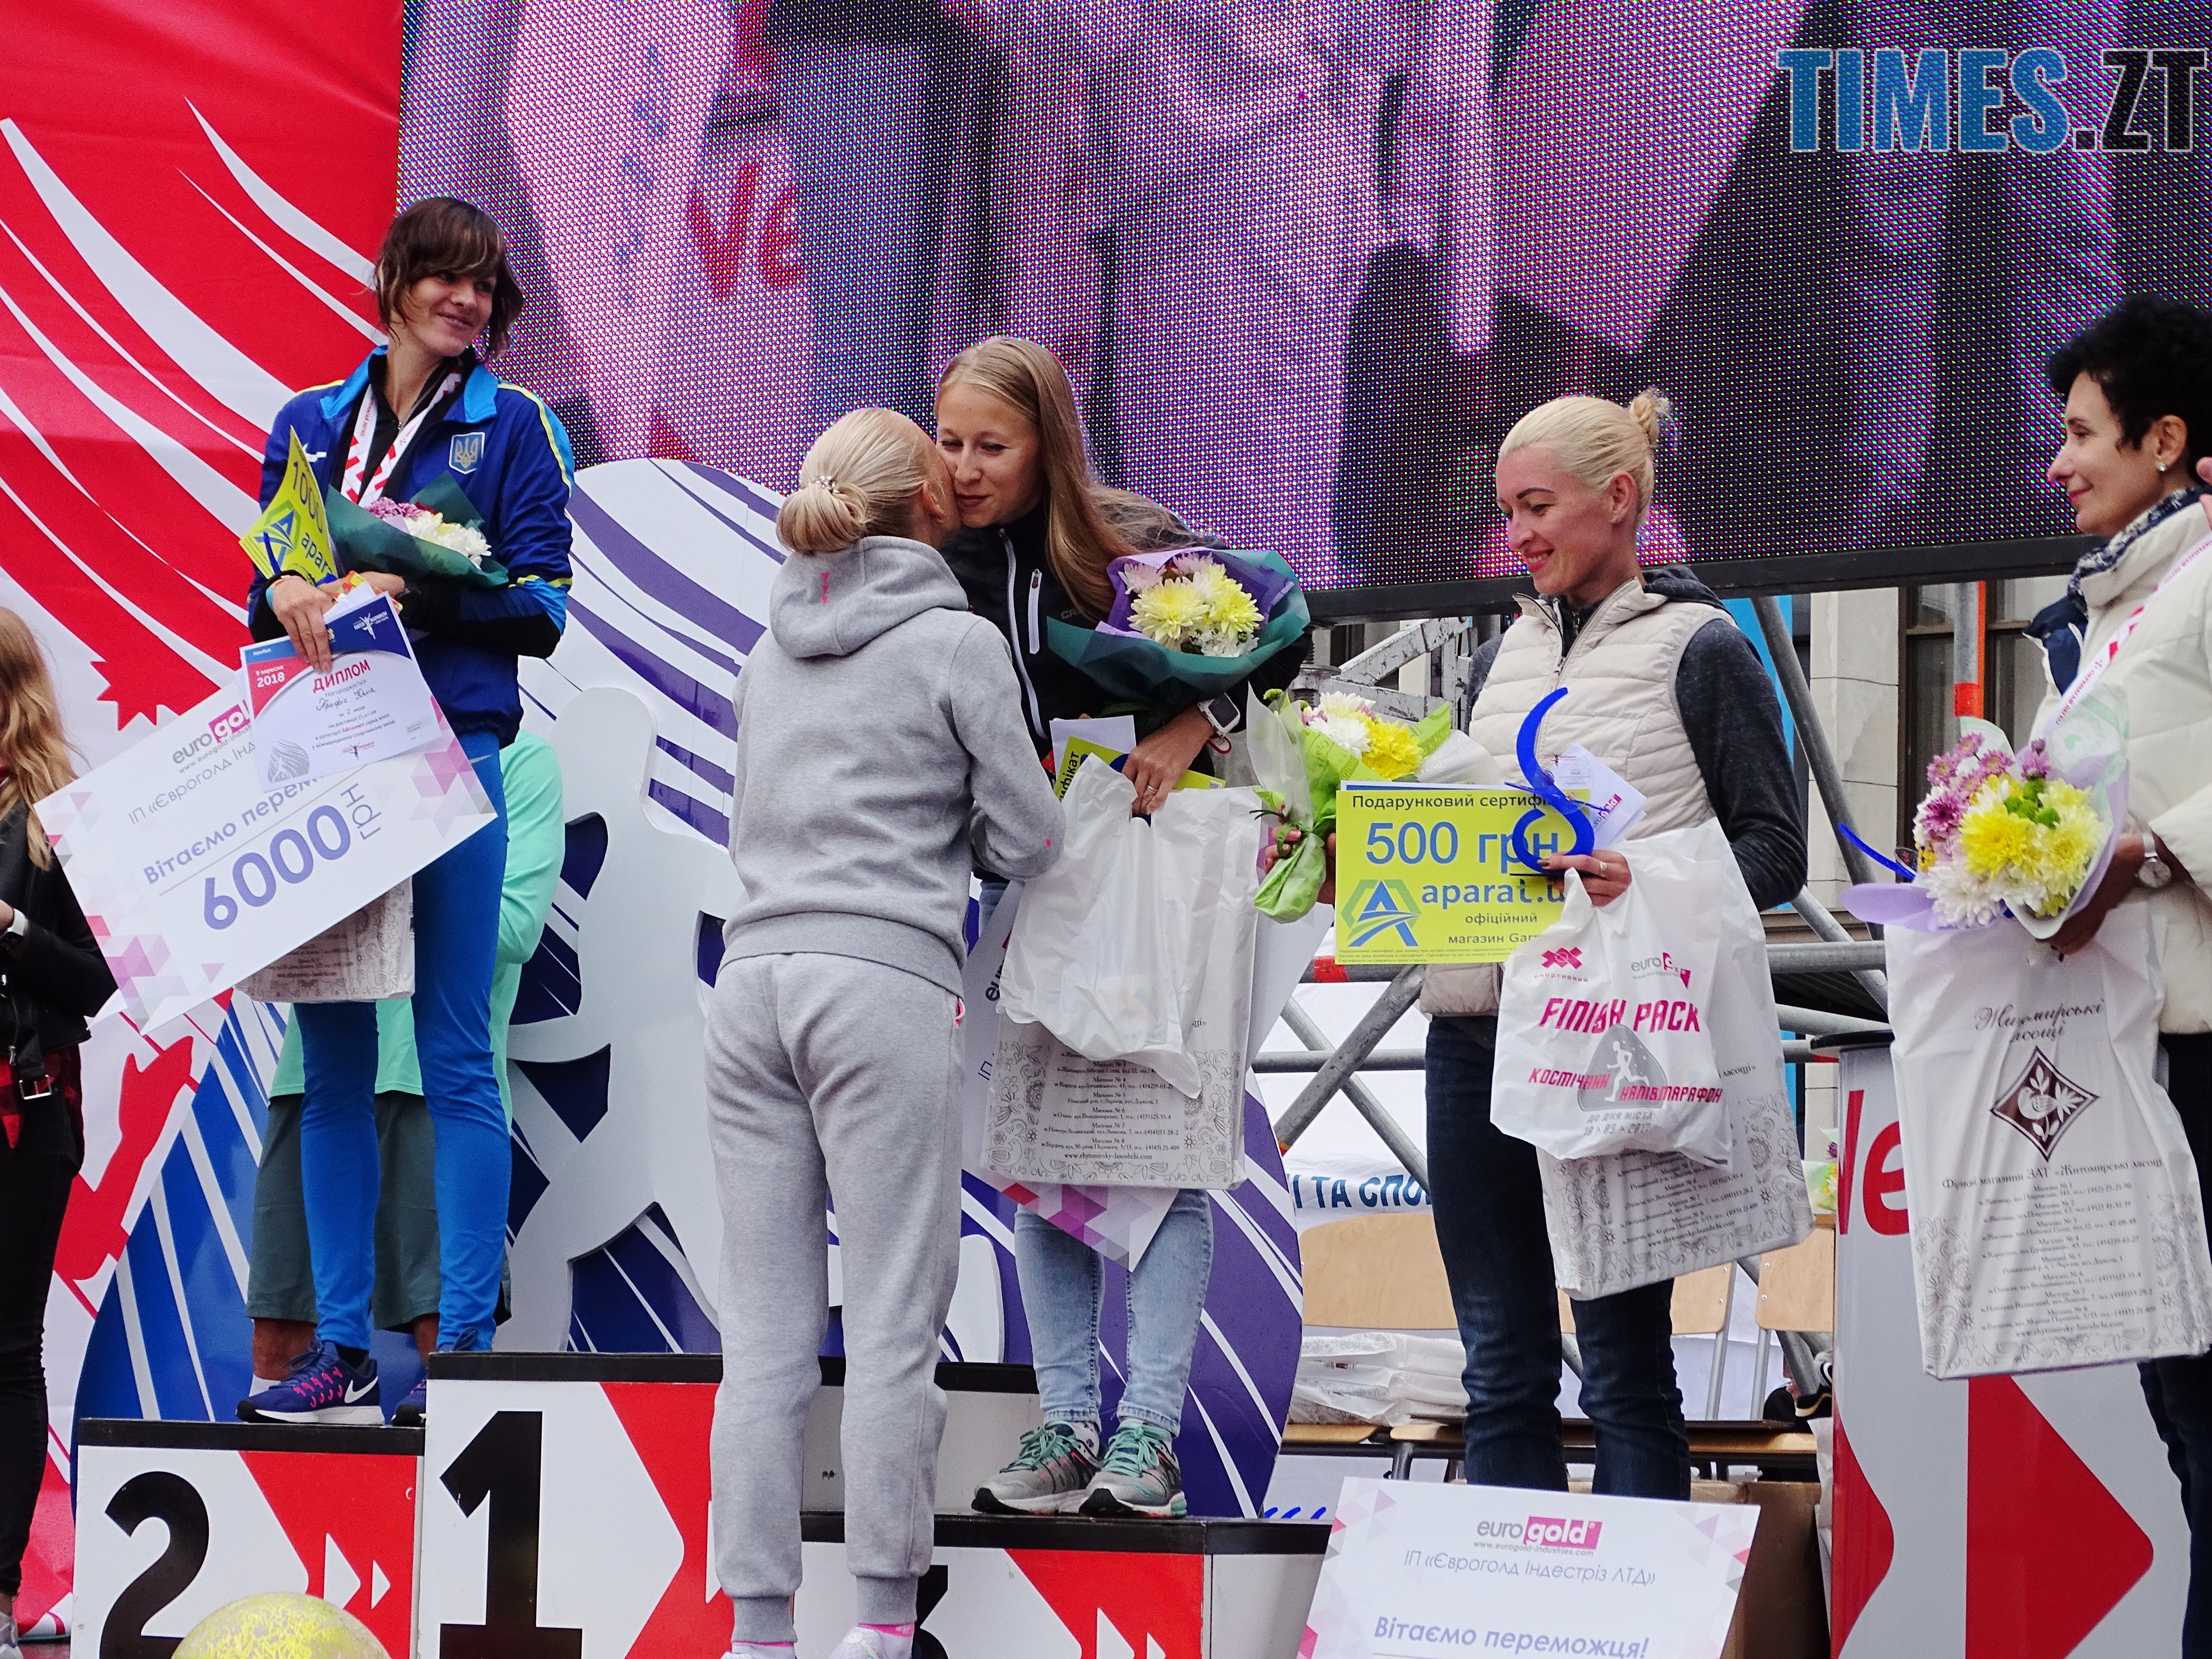 1нки призери на 21 км - У Житомирі втретє відбувся Космічний напівмарафон: враження та фото учасників забігів (ВІДЕО)